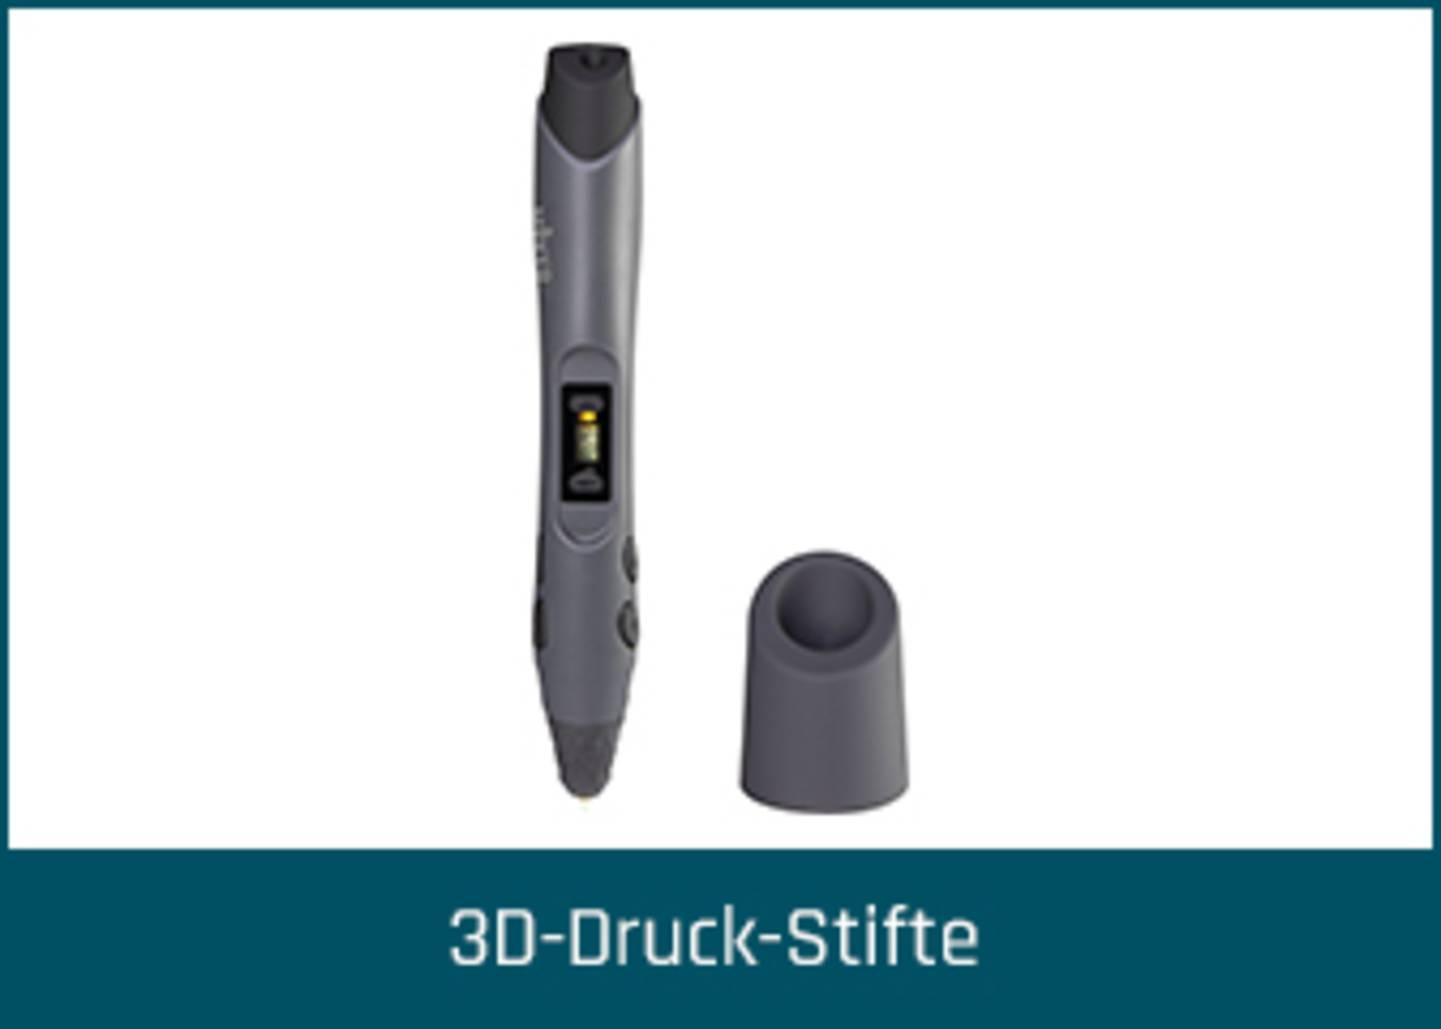 MAKERFACTORY 3D-Druck-Stifte